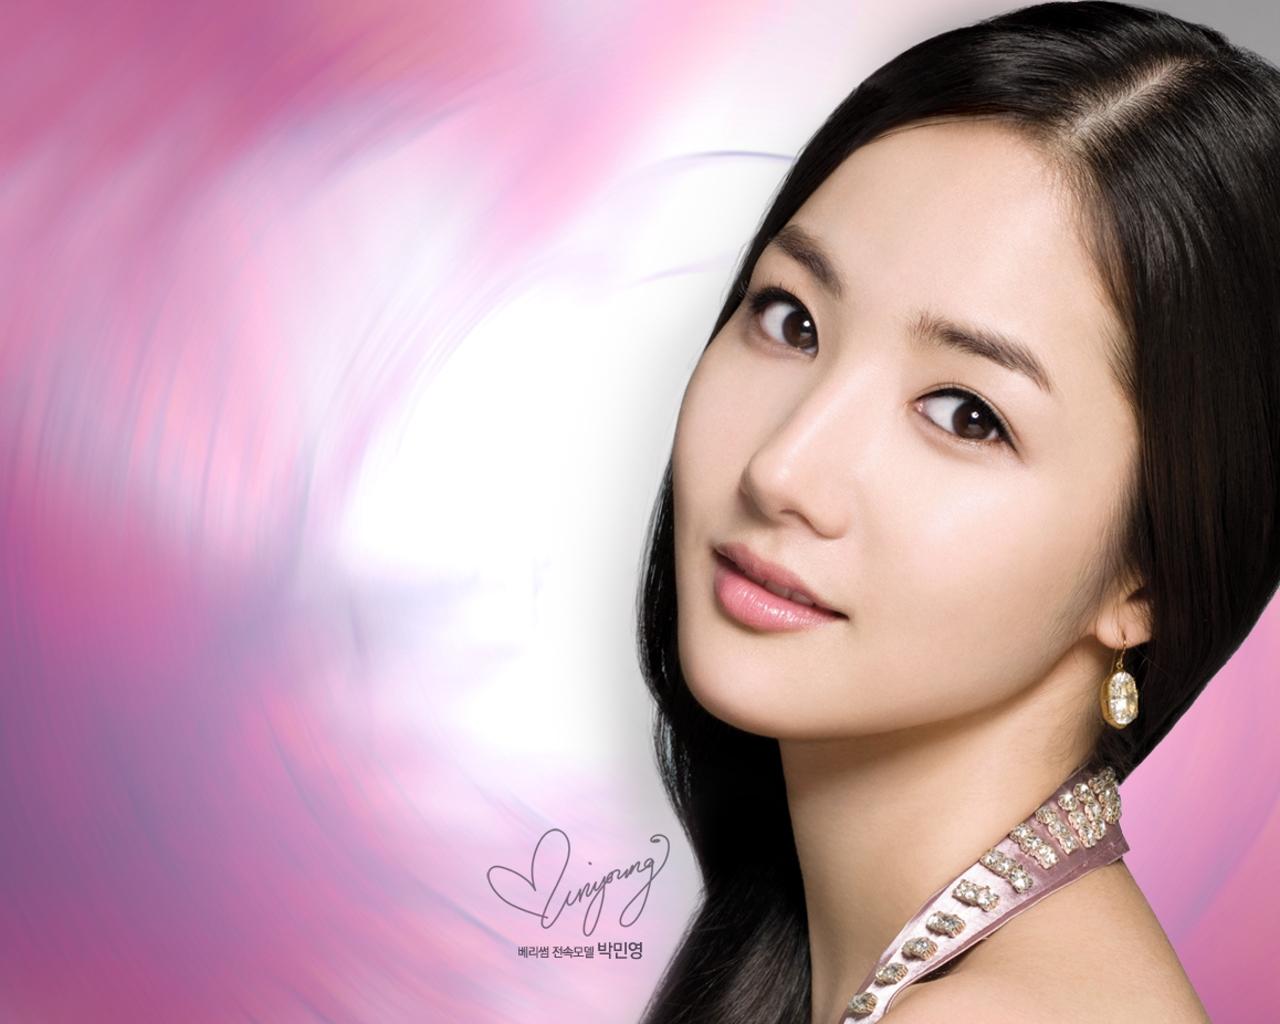 韩国女明星 朴敏英011280x1024